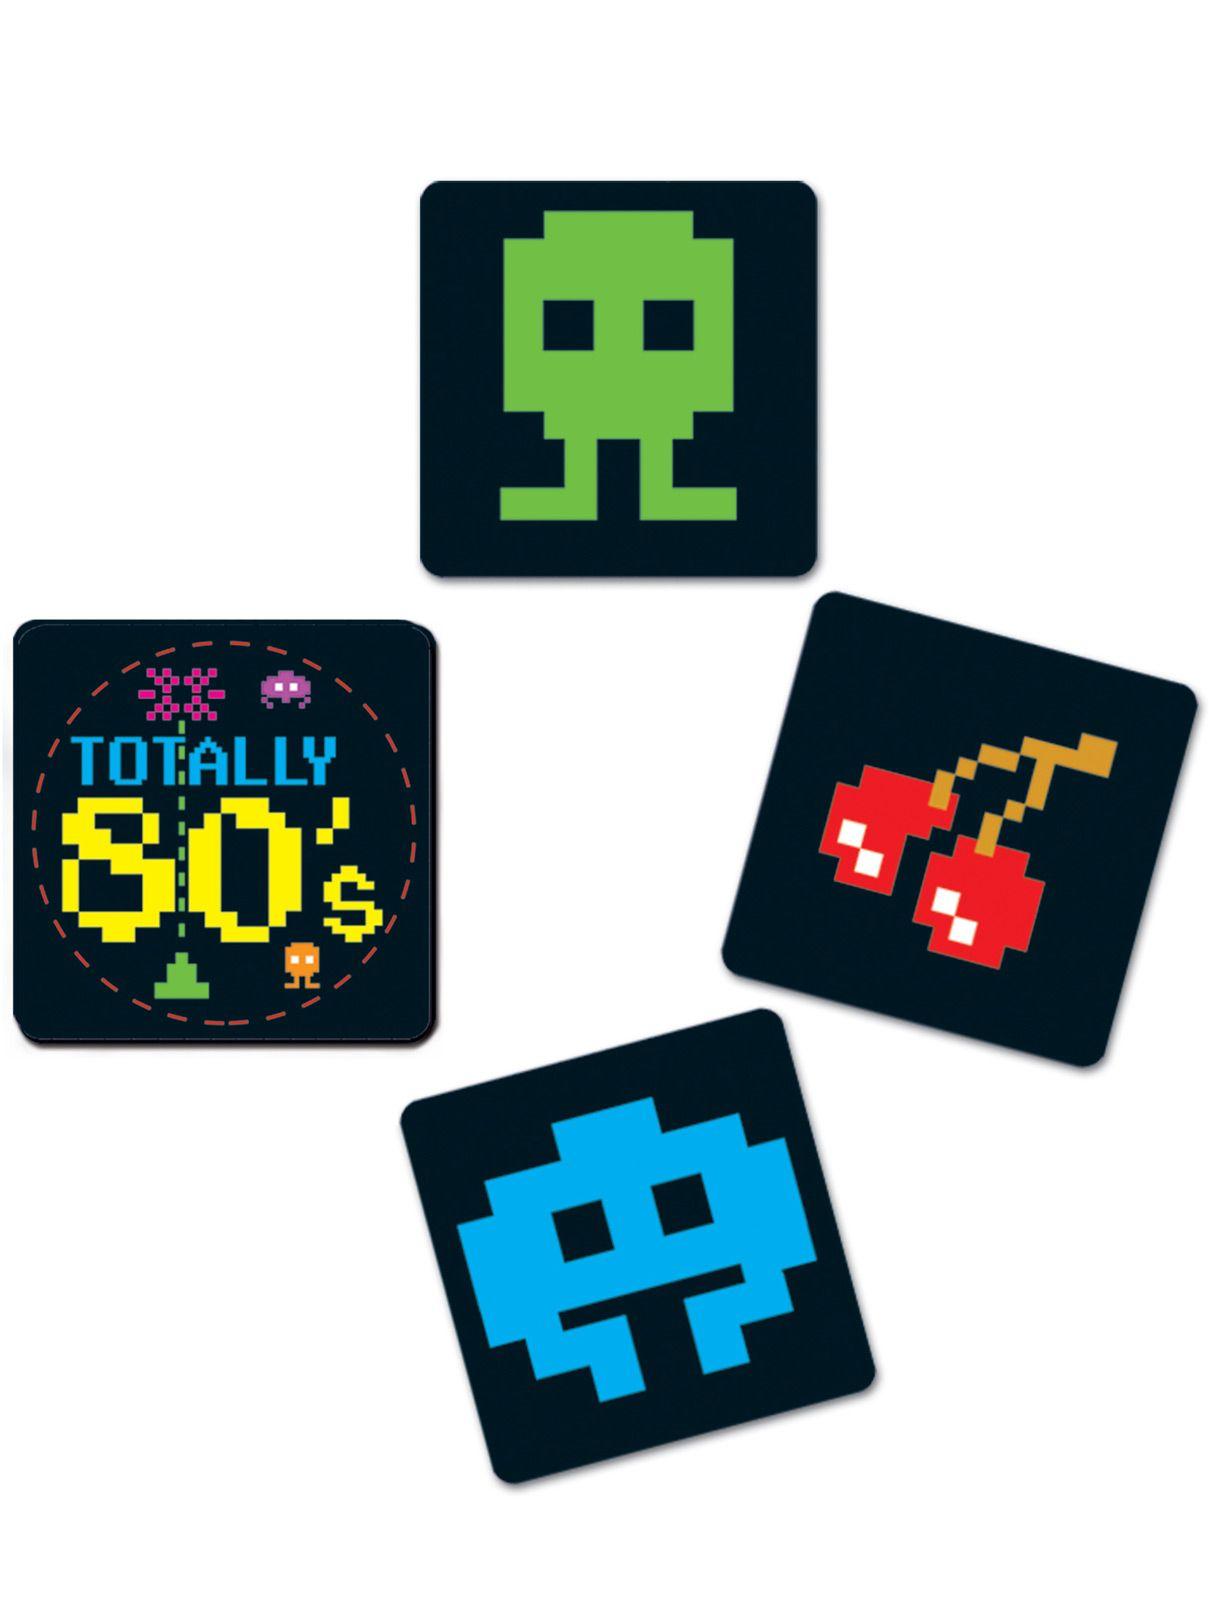 8 sottobicchieri anni '80 su VegaooParty, negozio di articoli per feste. Scopri il maggior catalogo di addobbi e decorazioni per feste del web,  sempre al miglior prezzo!